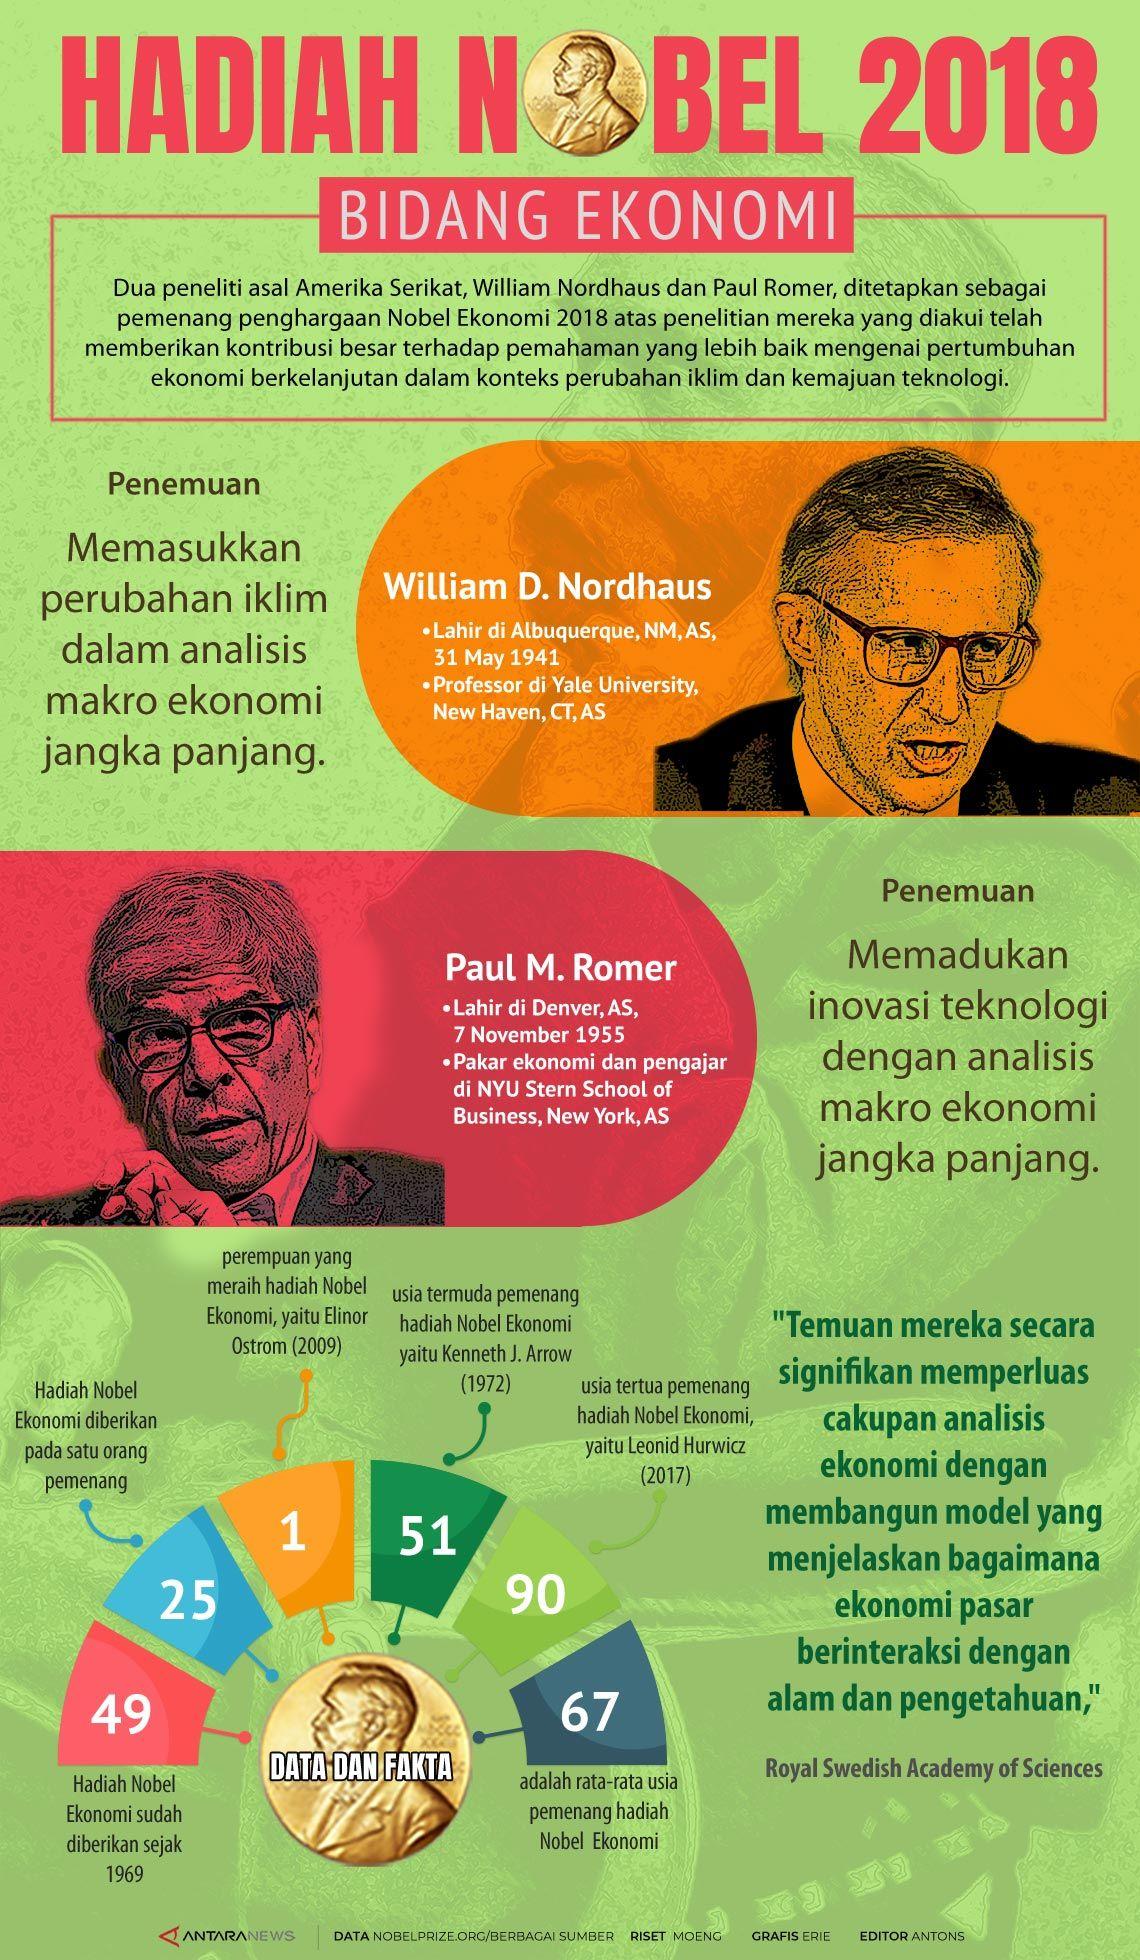 Pemenang hadiah Nobel Ekonomi 2018